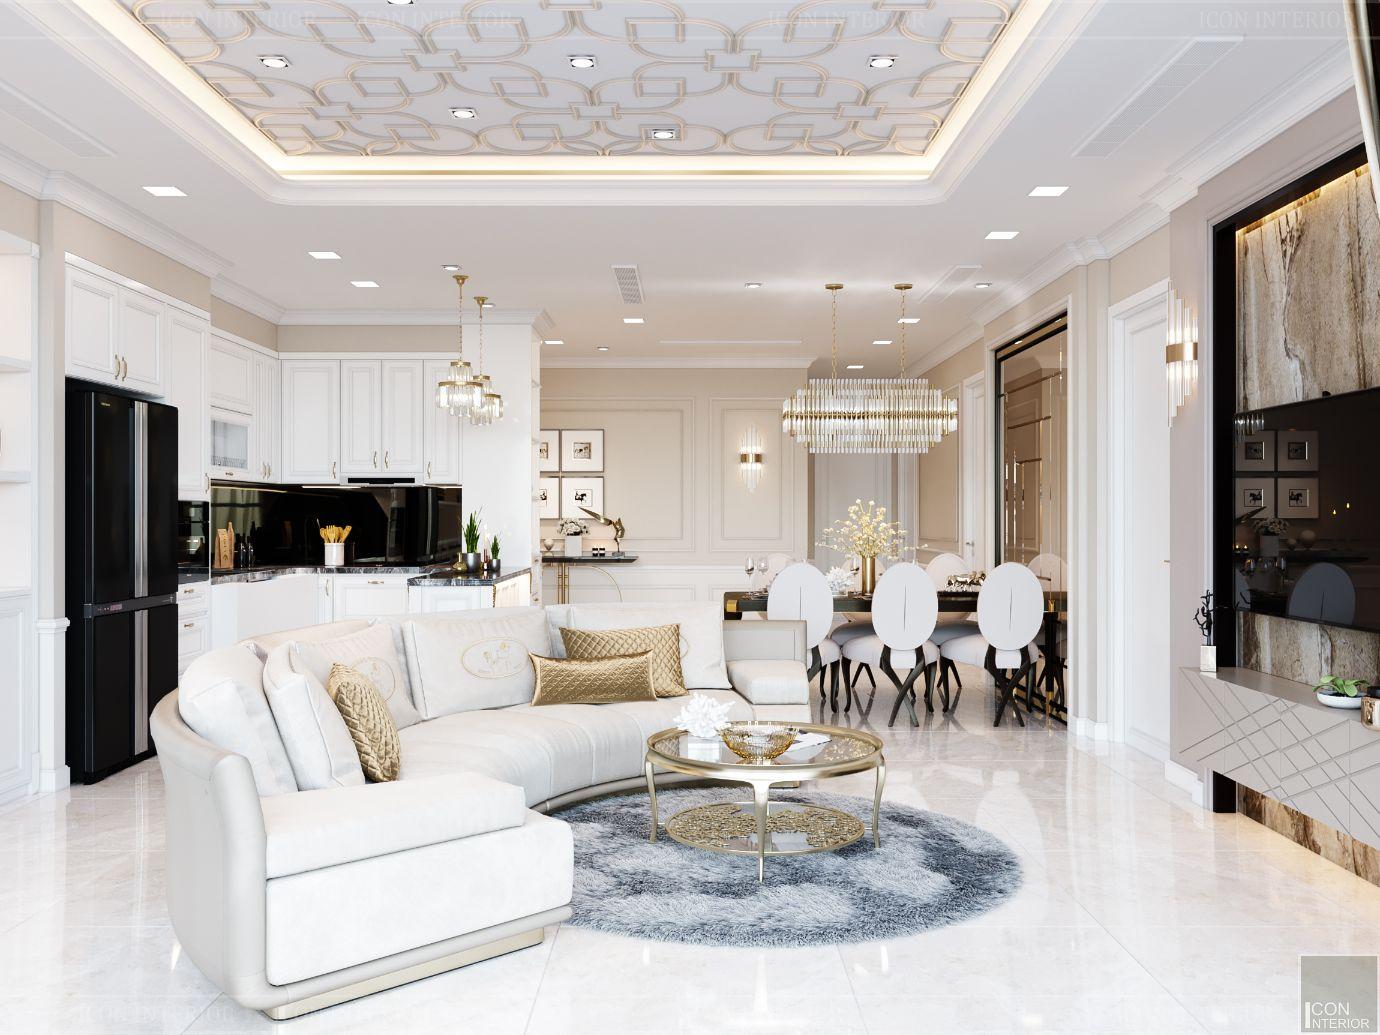 thiết kế chung cư 3 phòng ngủ - phòng khách 1